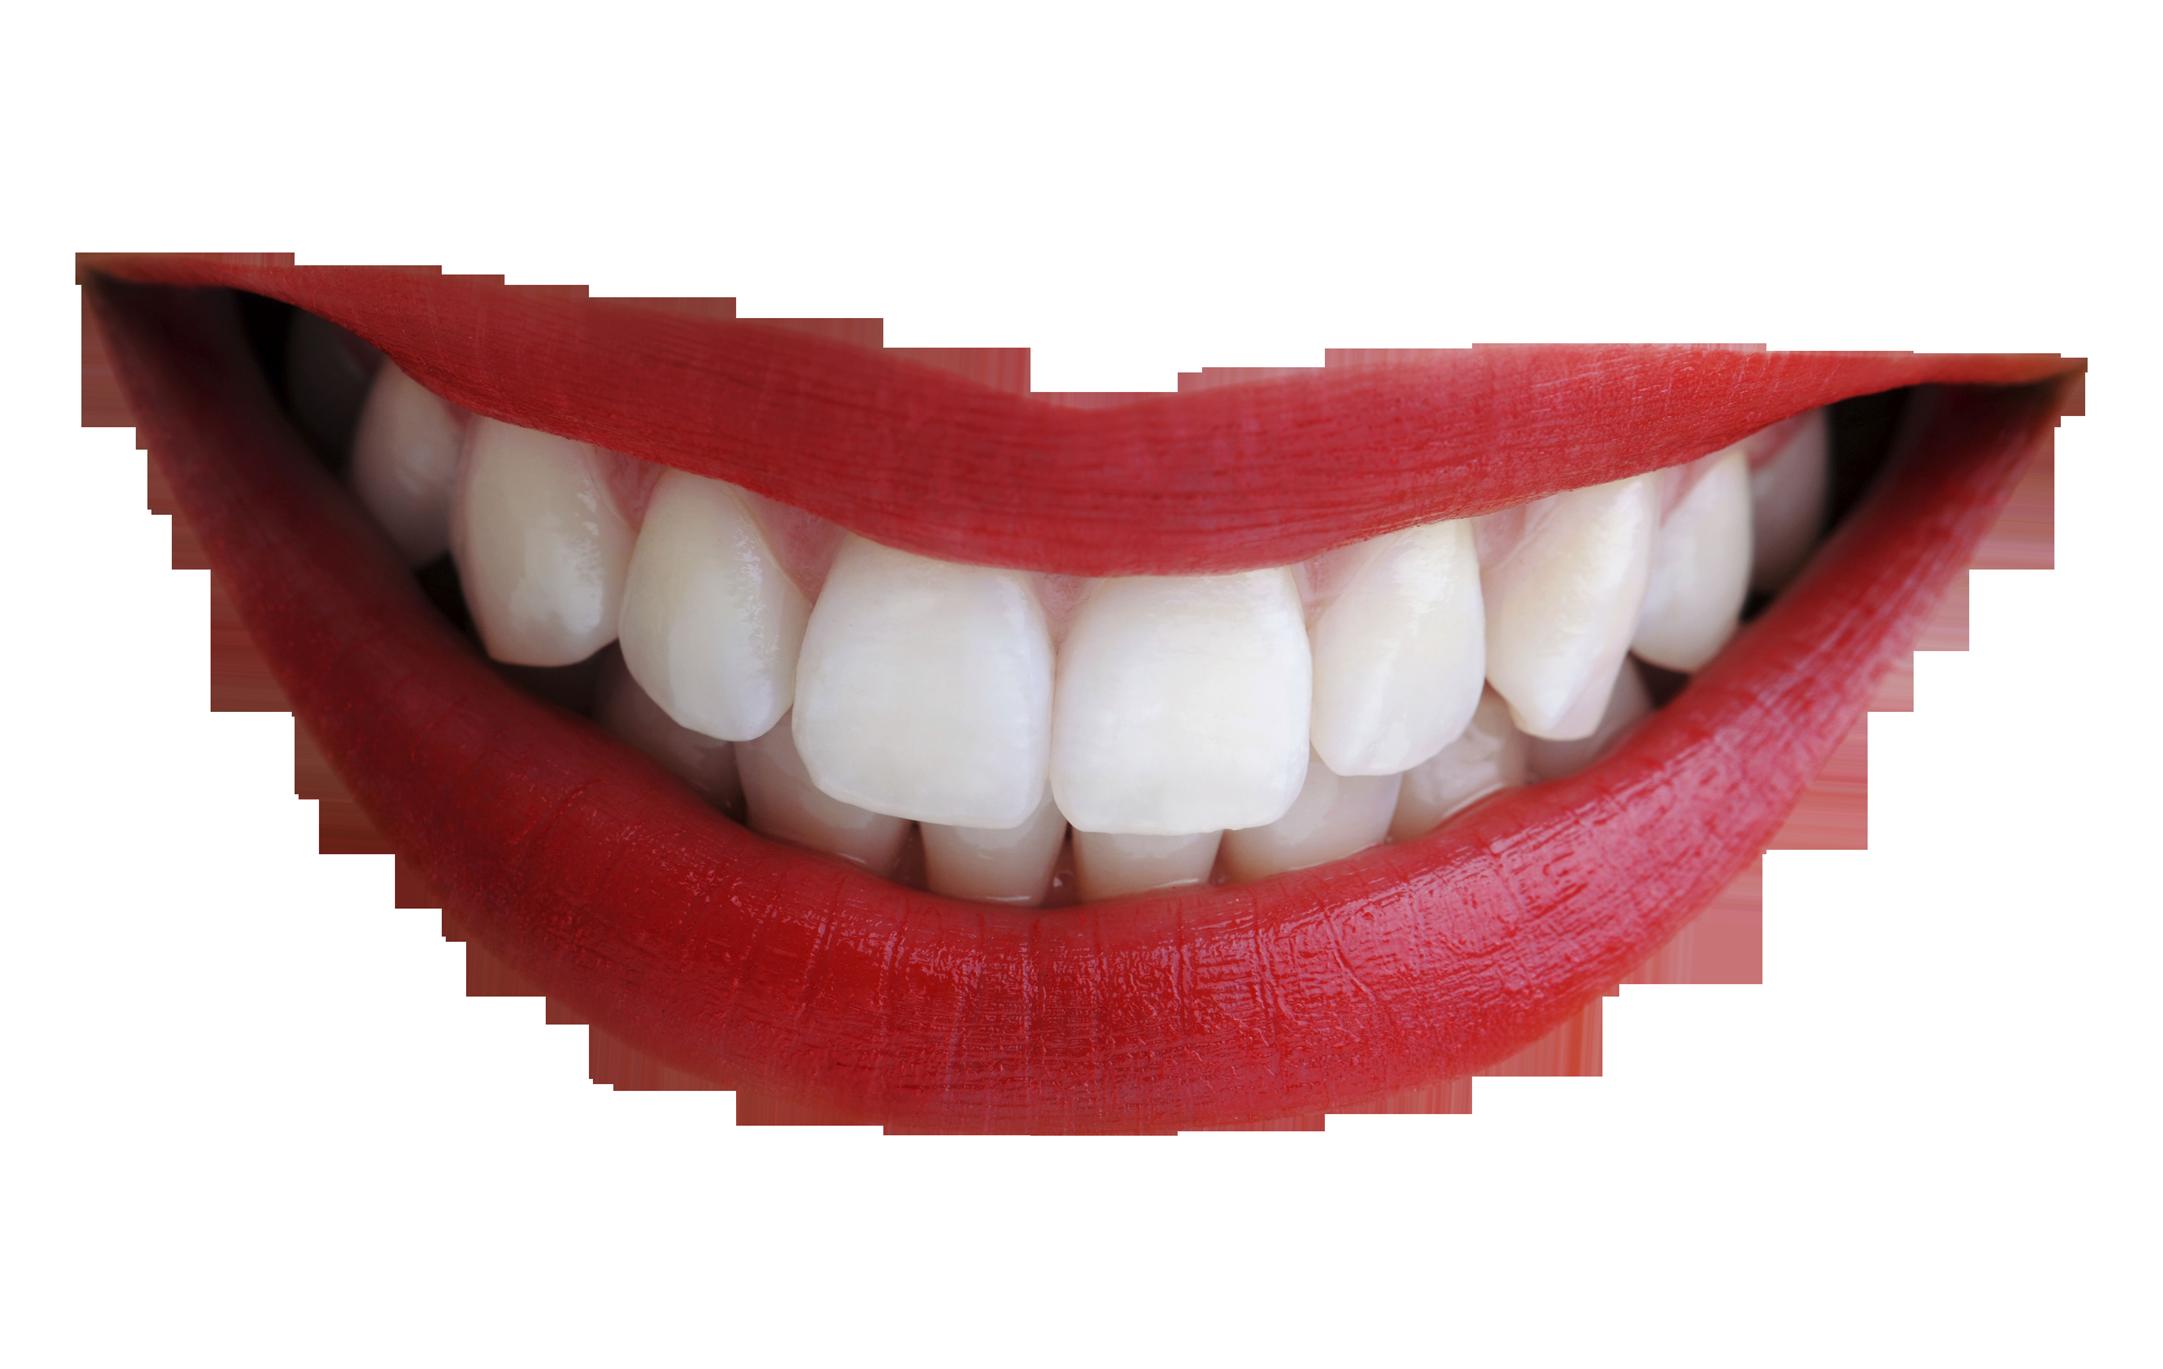 Teeth Smile PNG HD - 148052